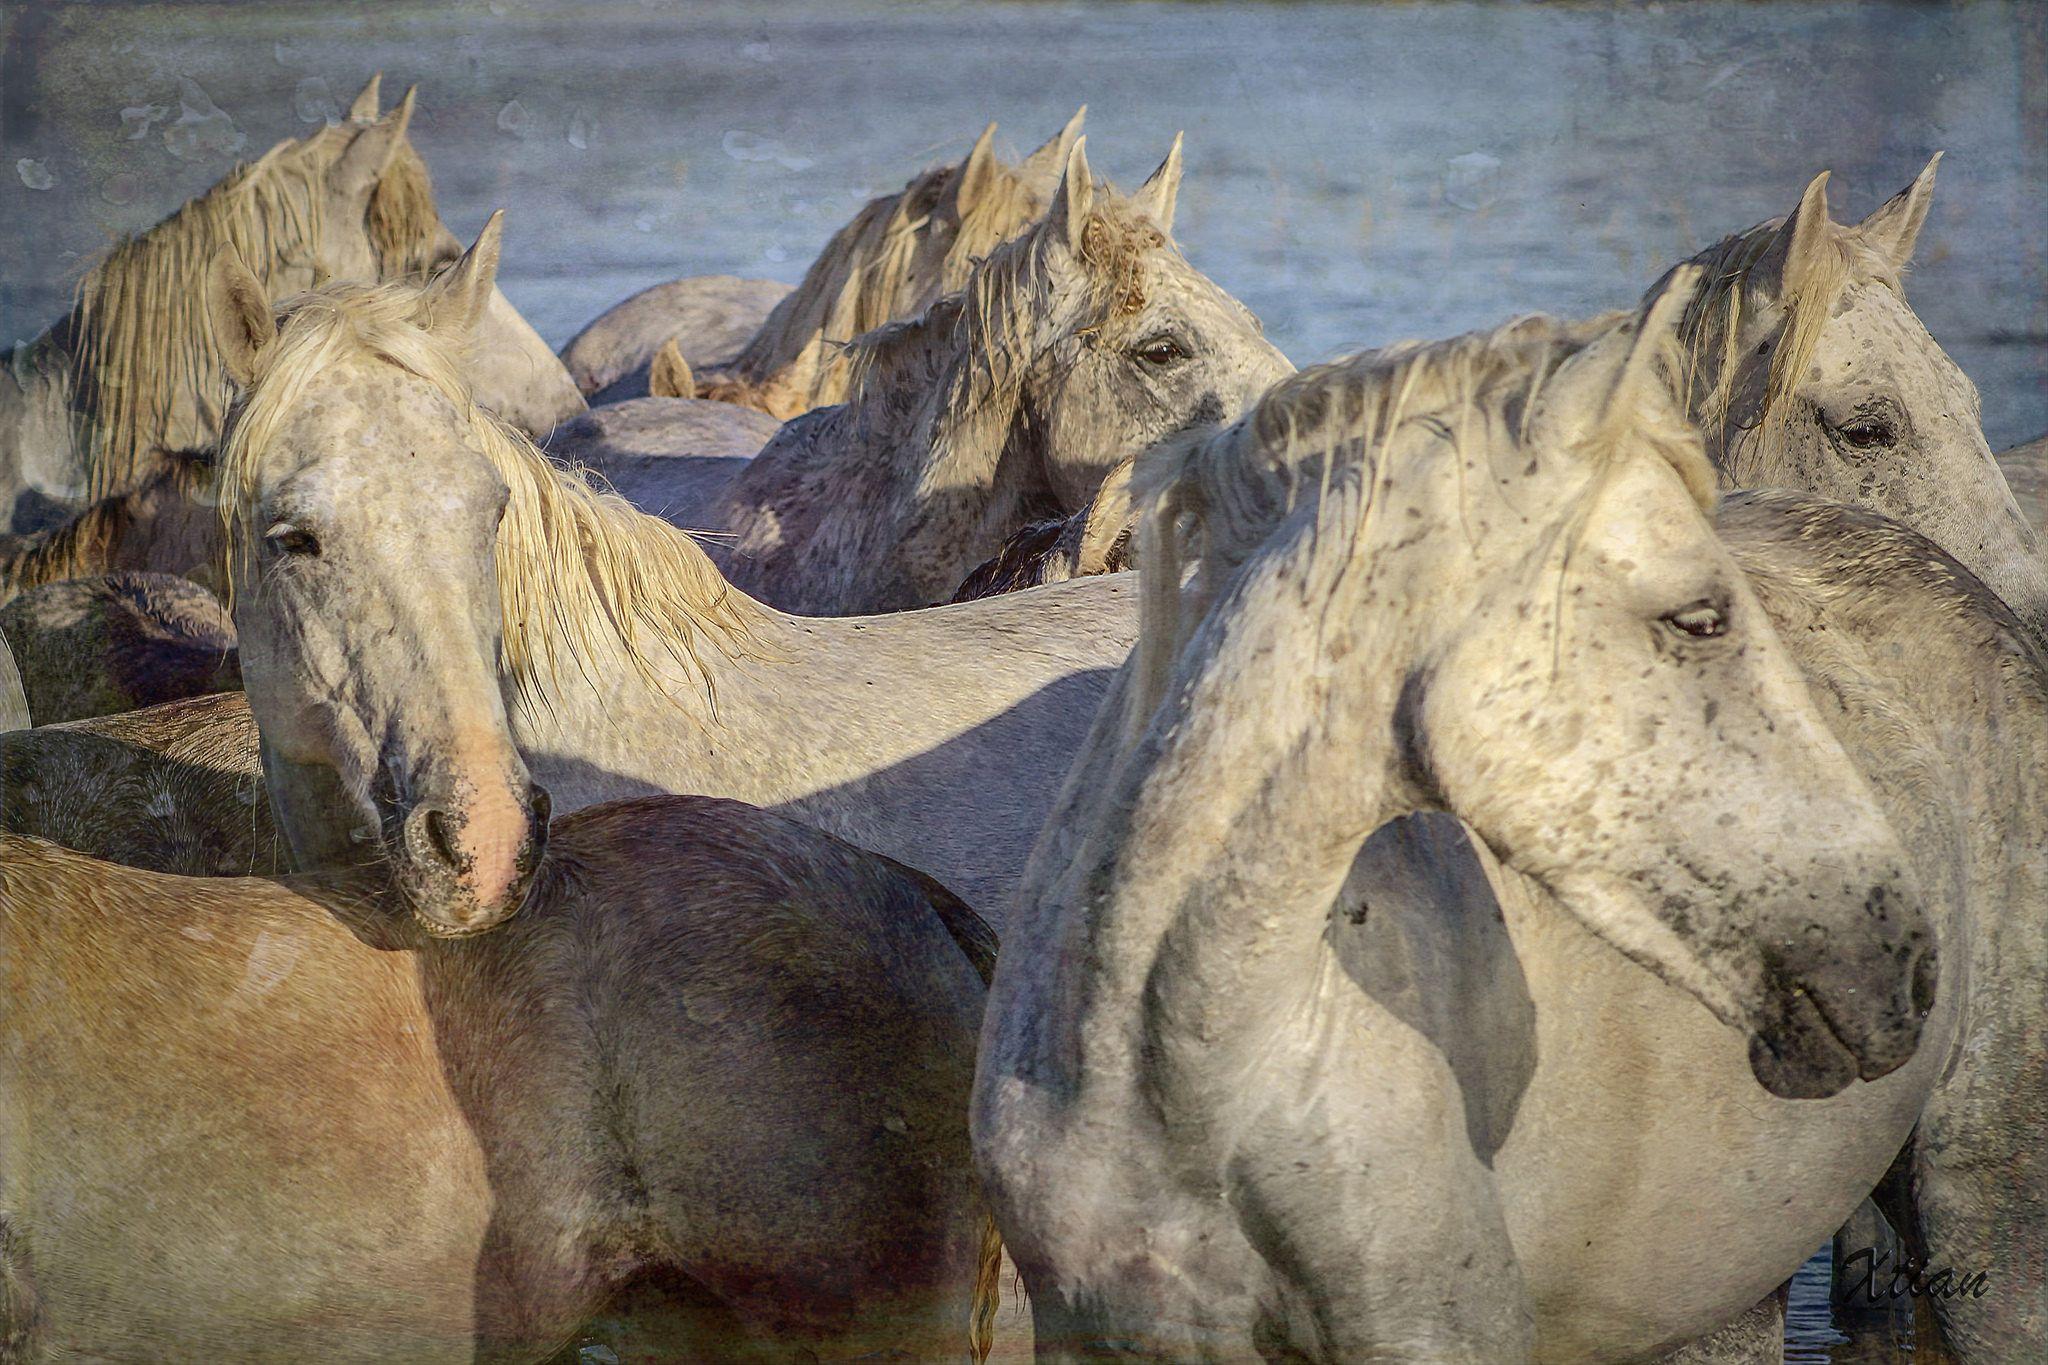 Chevaux De Camargue 3 Regroupement Apres La Traversee De L Etang Gines Chrono 881 Animals Lion Sculpture Horse Coloring